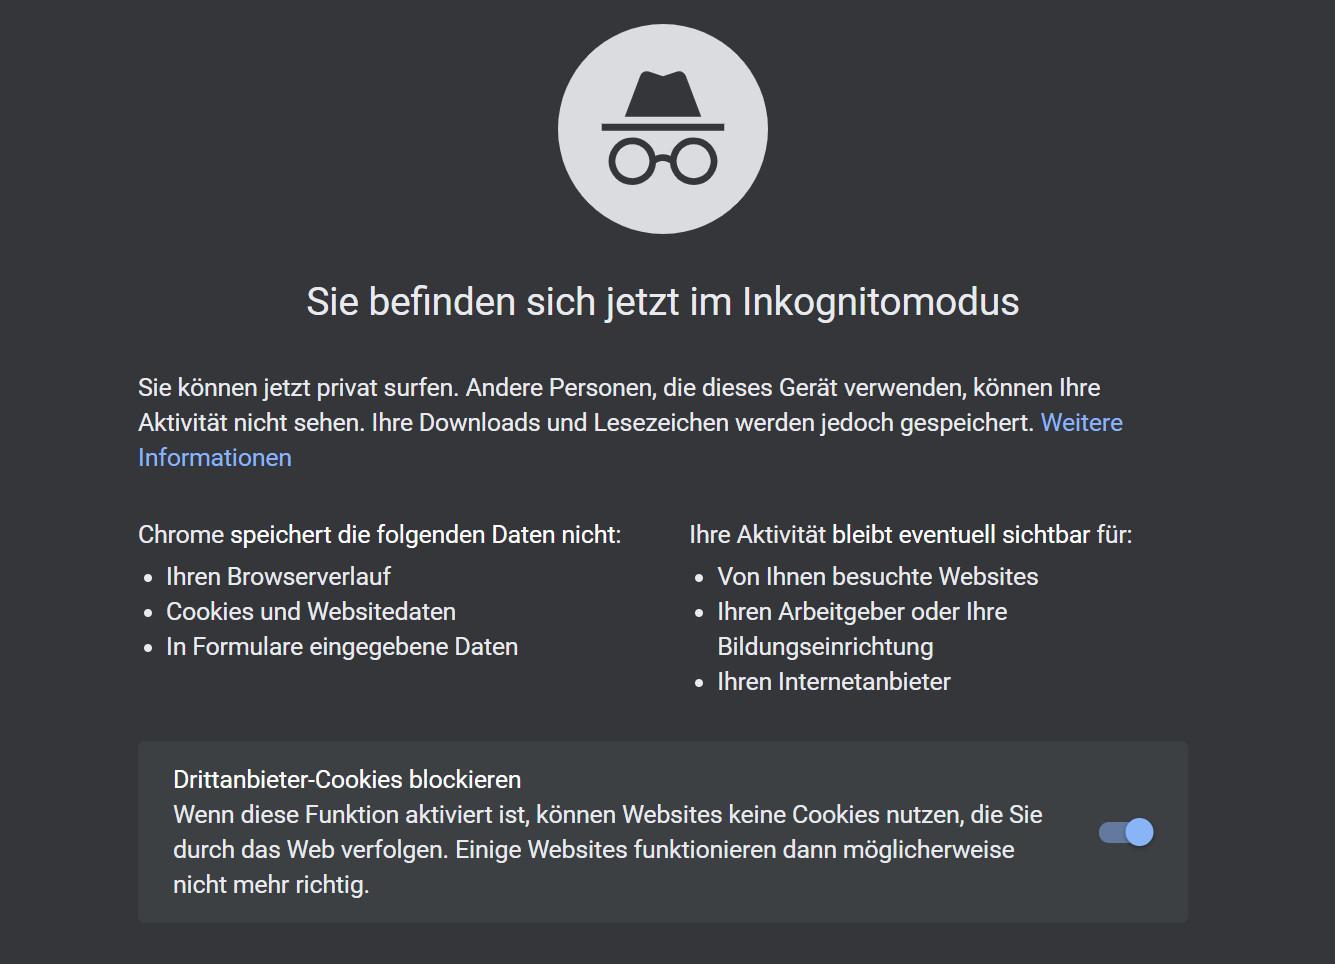 """Privatmodus: Von wegen """"privat surfen"""": Der Inkognitomodus von Chrome verhindert nicht, dass Nutzer im Web unerkannt bleiben."""